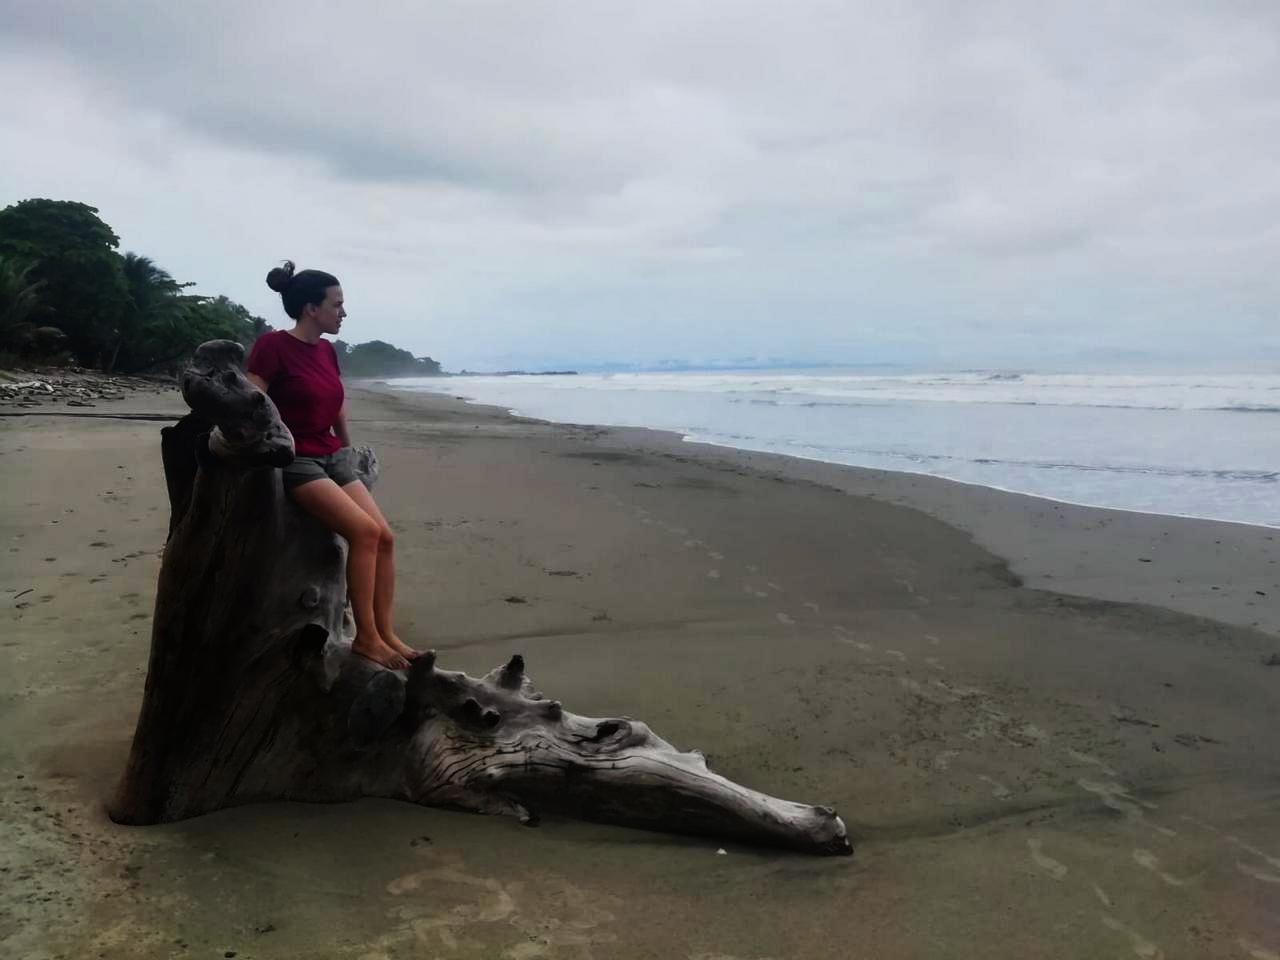 El presupuesto para viajar a Costa Rica no es bajo, pero merece la pena cada céntimo invertido.